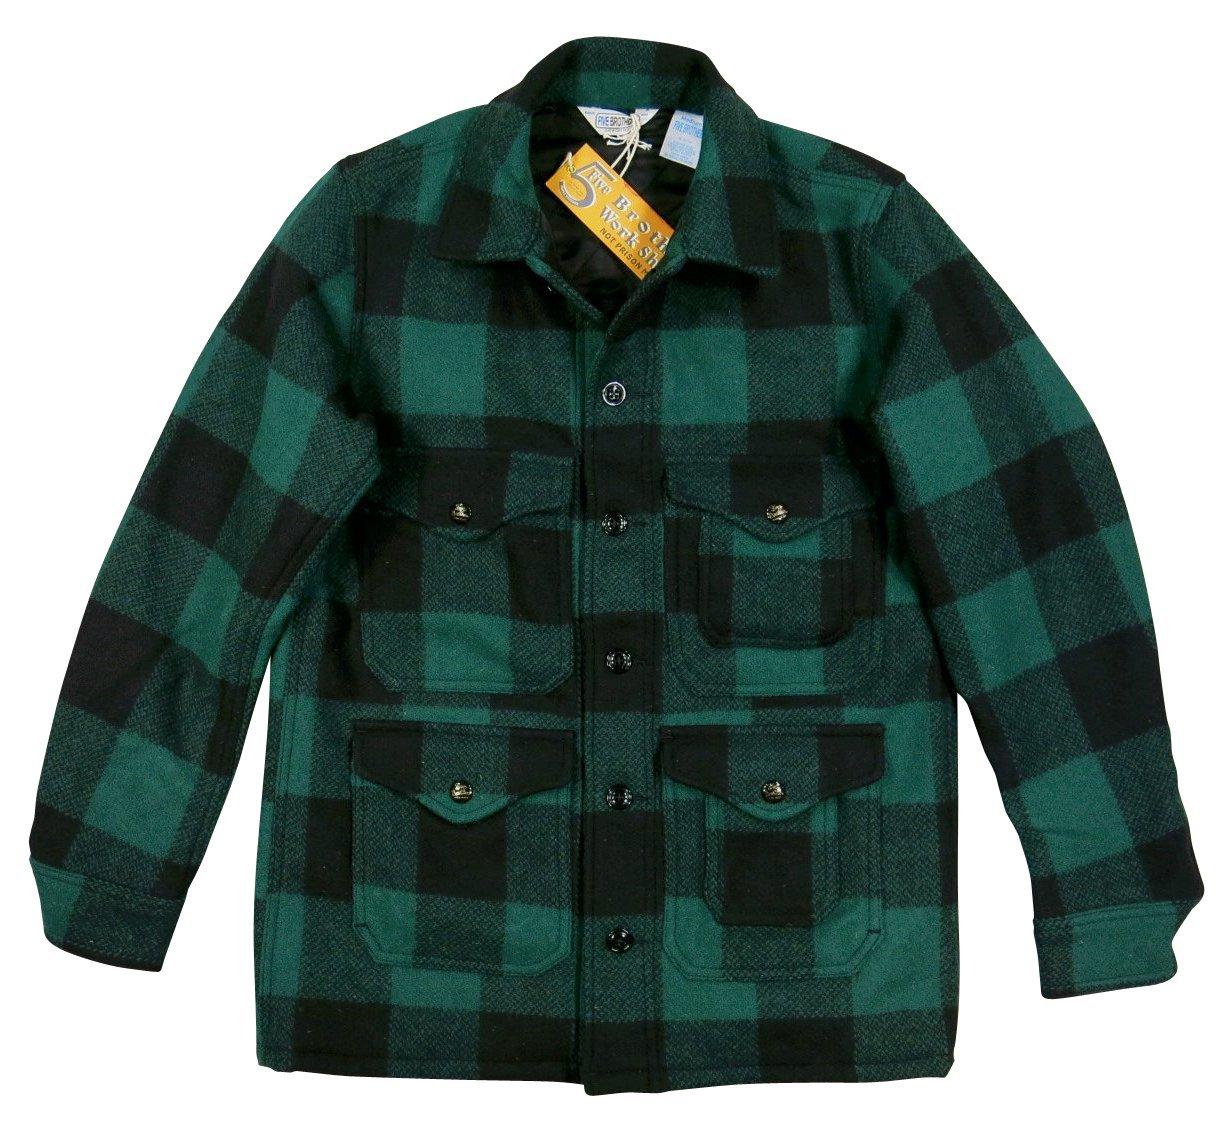 (ファイブブラザー)FIVE BROTHER バッファローチェック マッキーノジャケット B01N3L5N6Z S|GREEN/BLACK(グリーン×ブラック) GREEN/BLACK(グリーン×ブラック) S